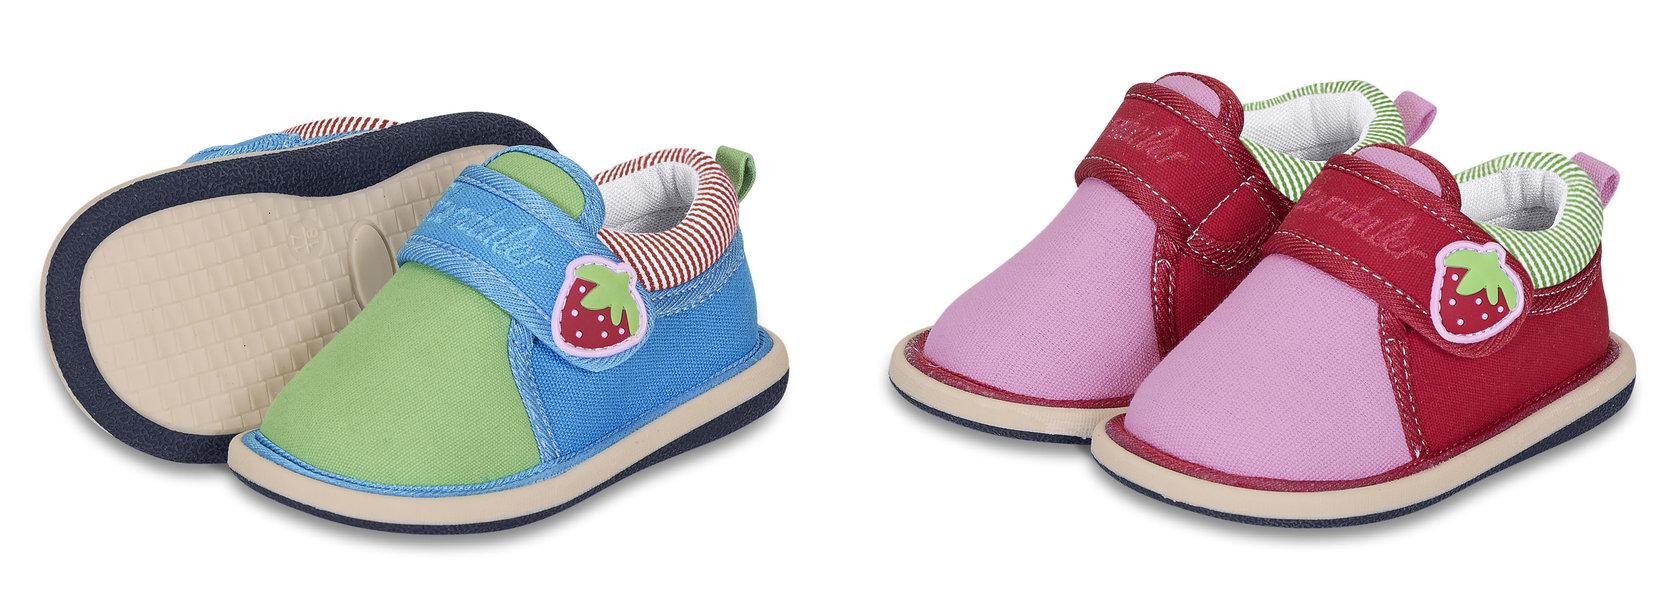 am besten wählen vollständige Palette von Spezifikationen High Fashion Jungen / Mädchen Hausschuhe Erdbeere SOMMER STERNTALER 2401411